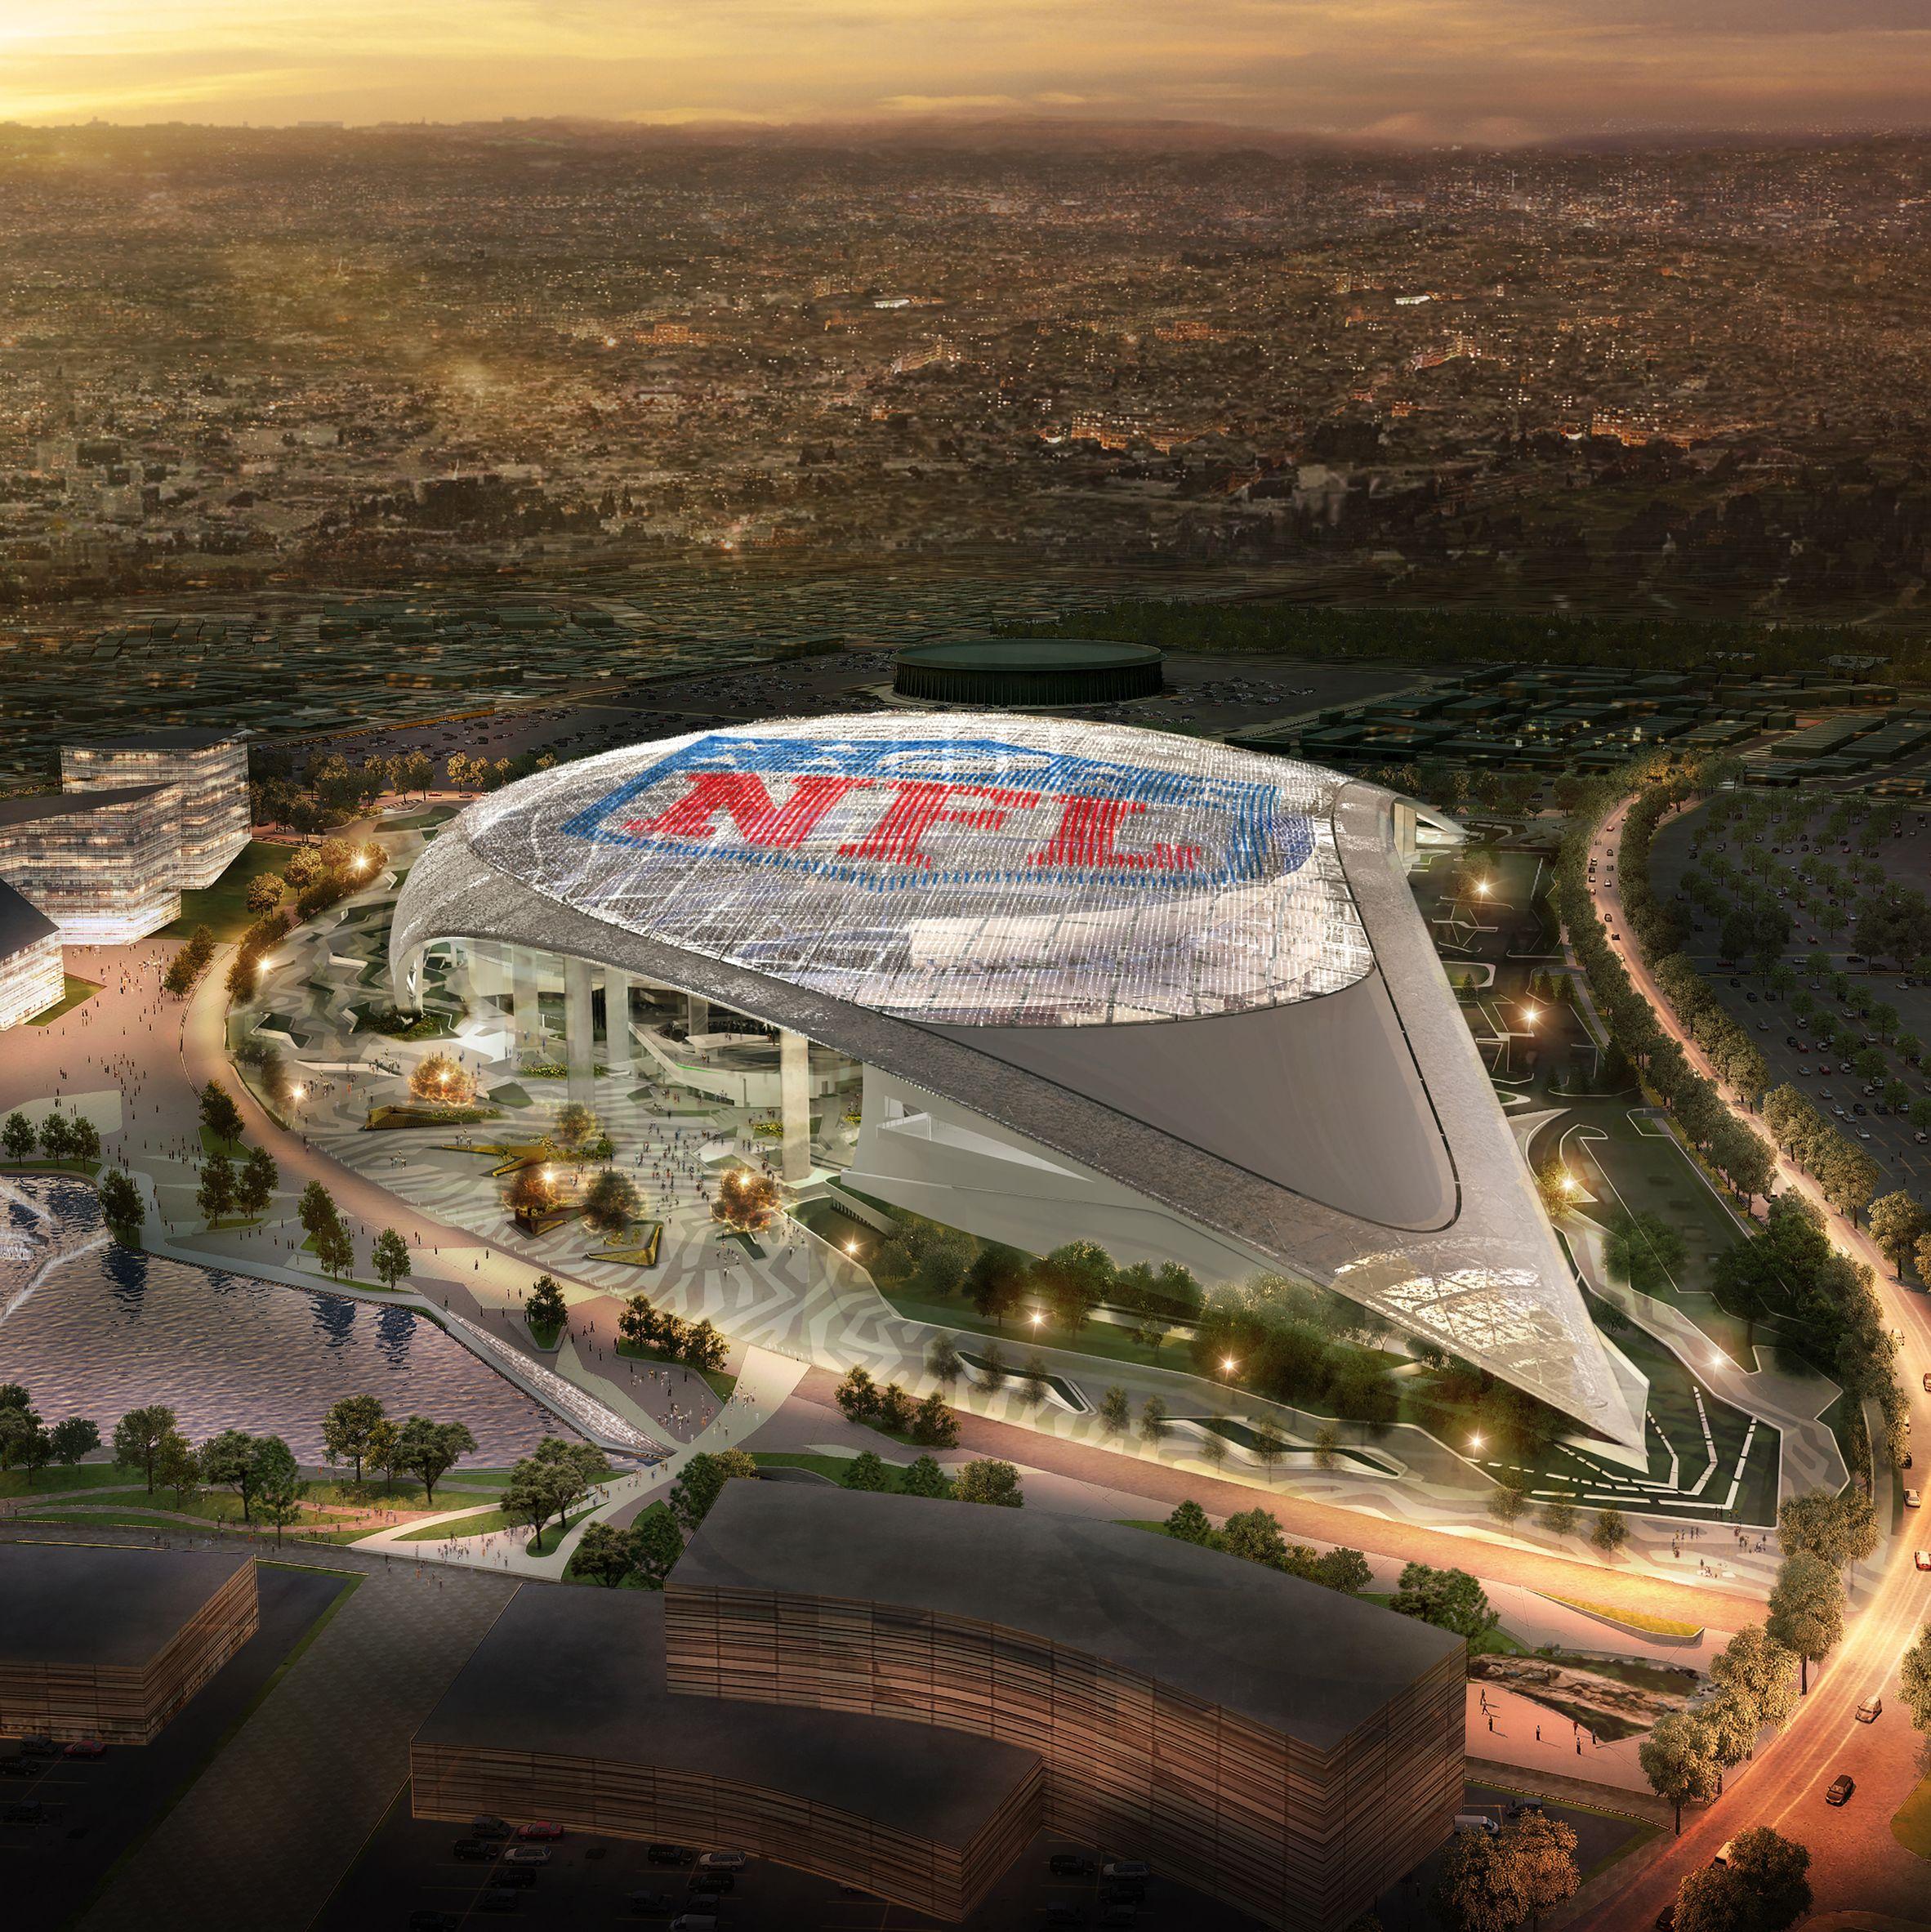 Las Vegas Hopes To Entice Oakland Raiders With 1 9 Billion Stadium Super Bowl Stadium Stadium Sports Stadium